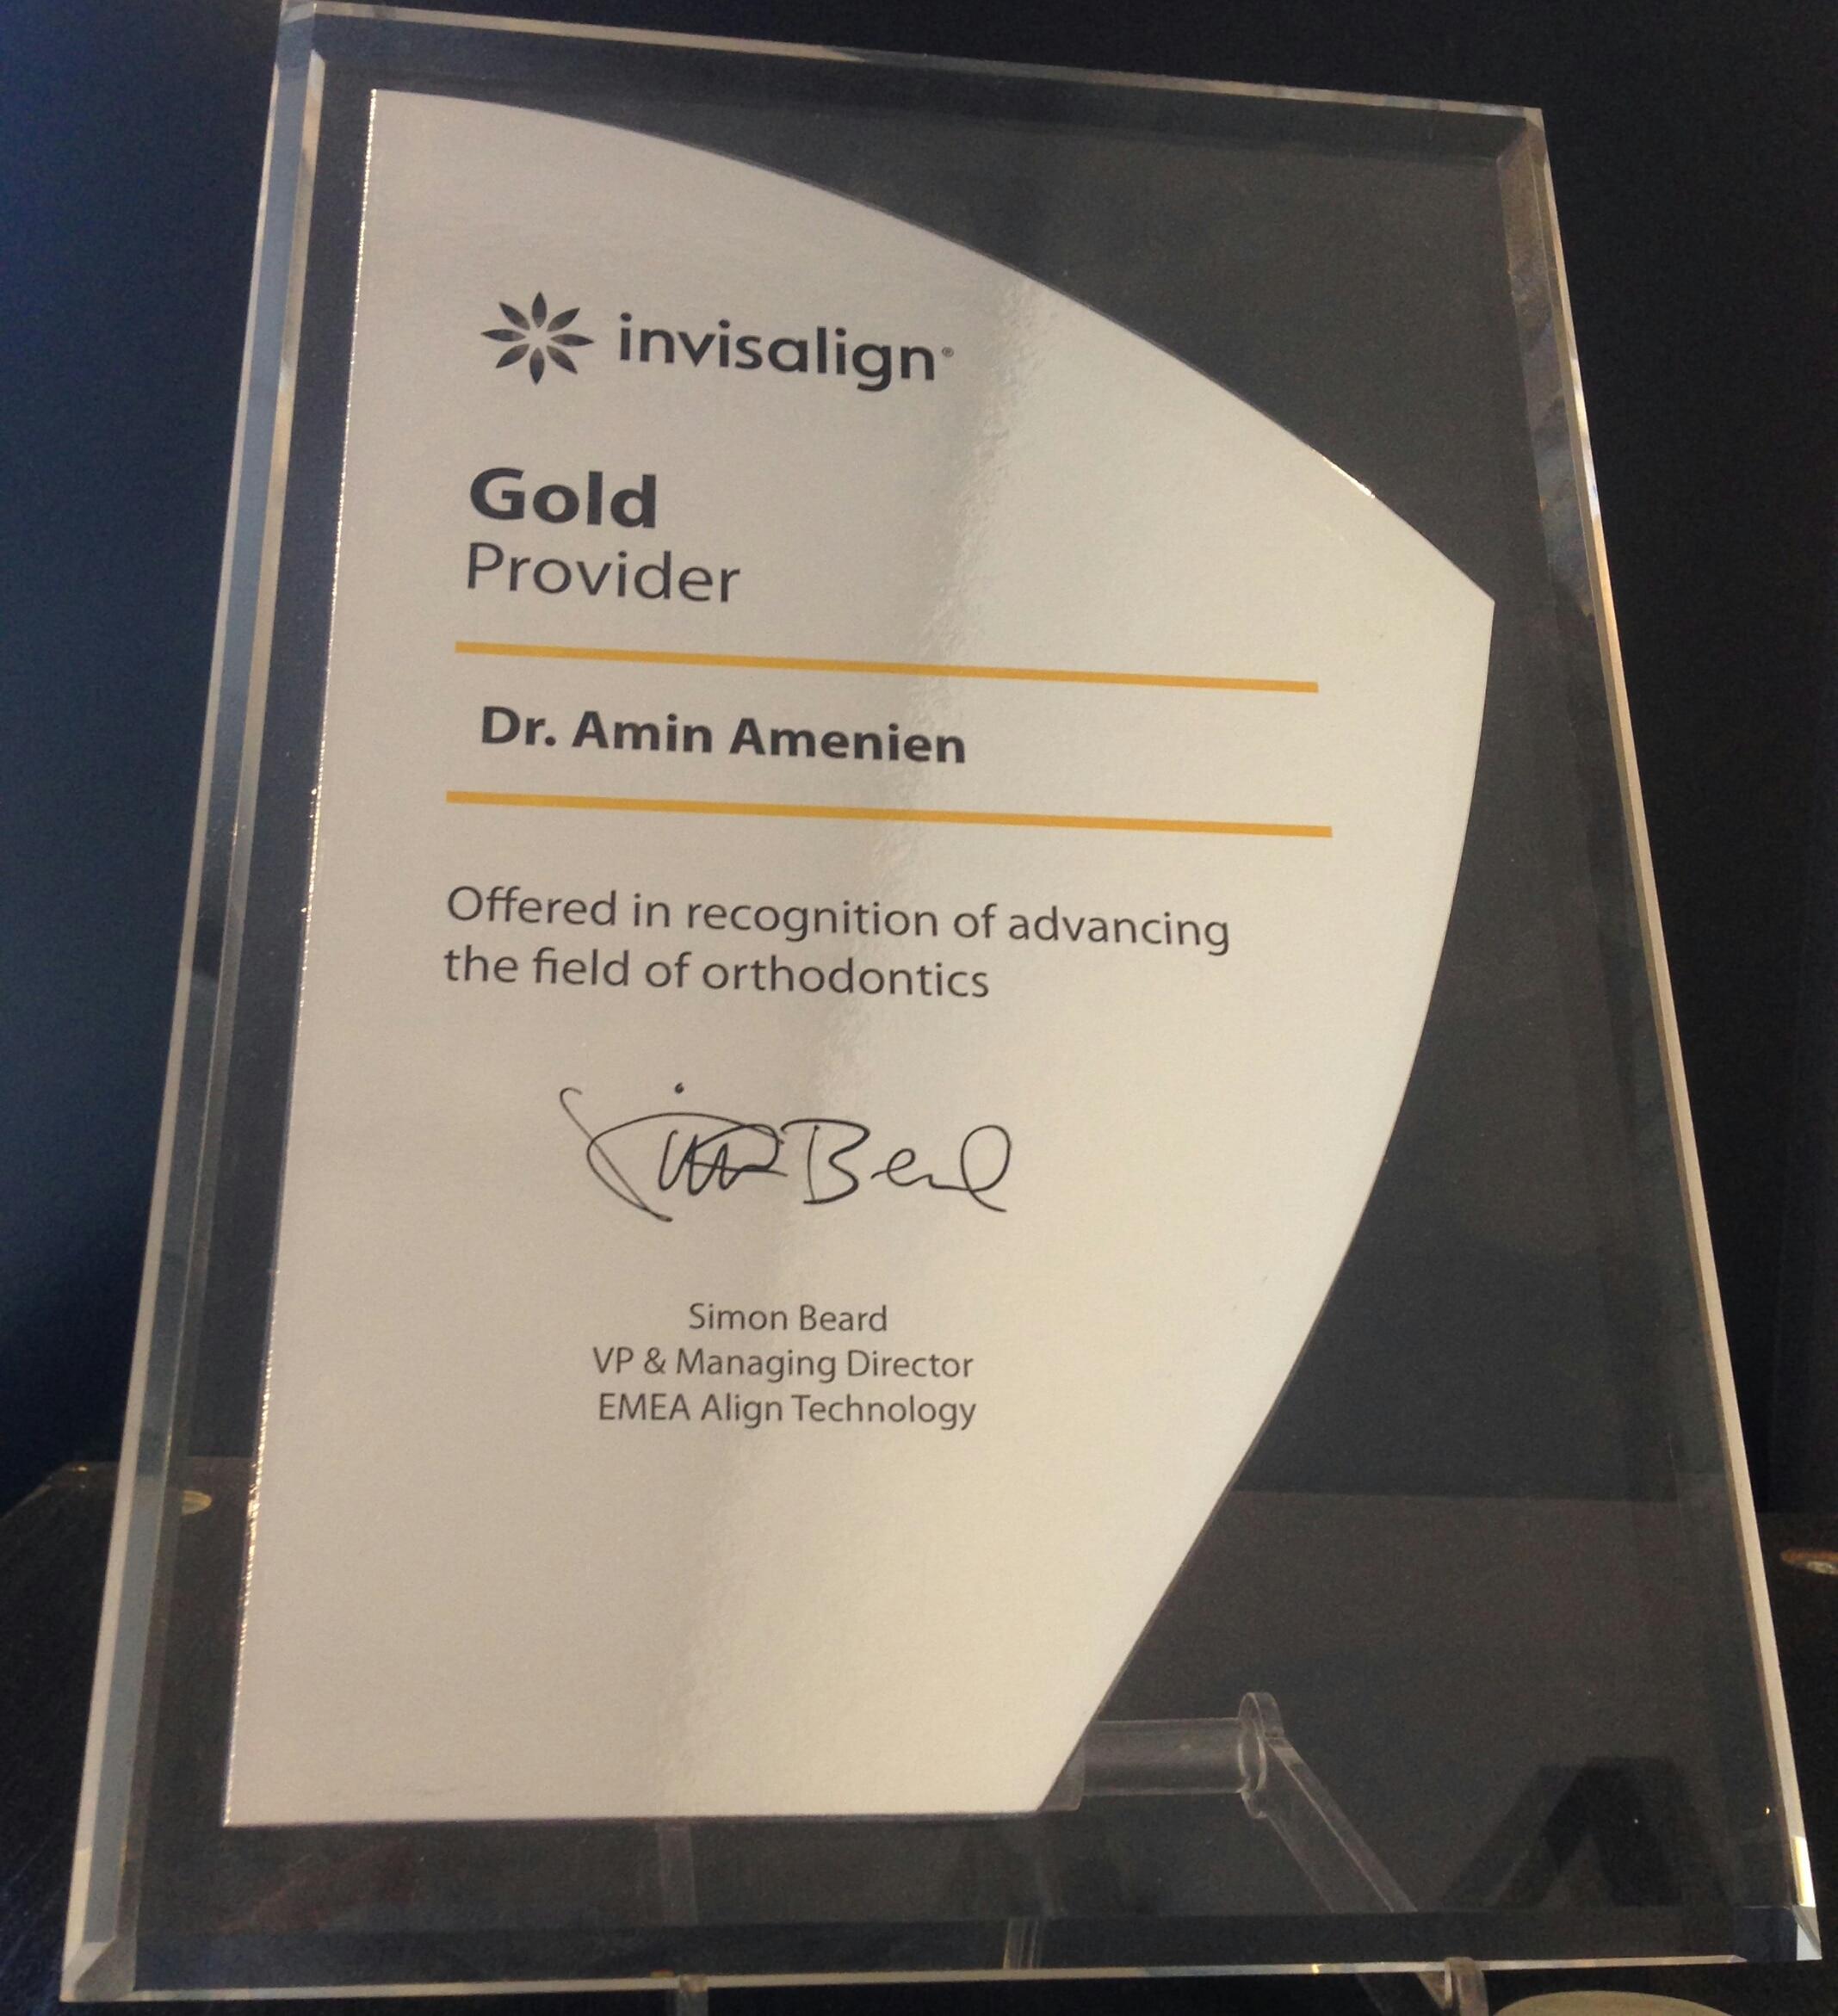 We are gold Invisalign provider